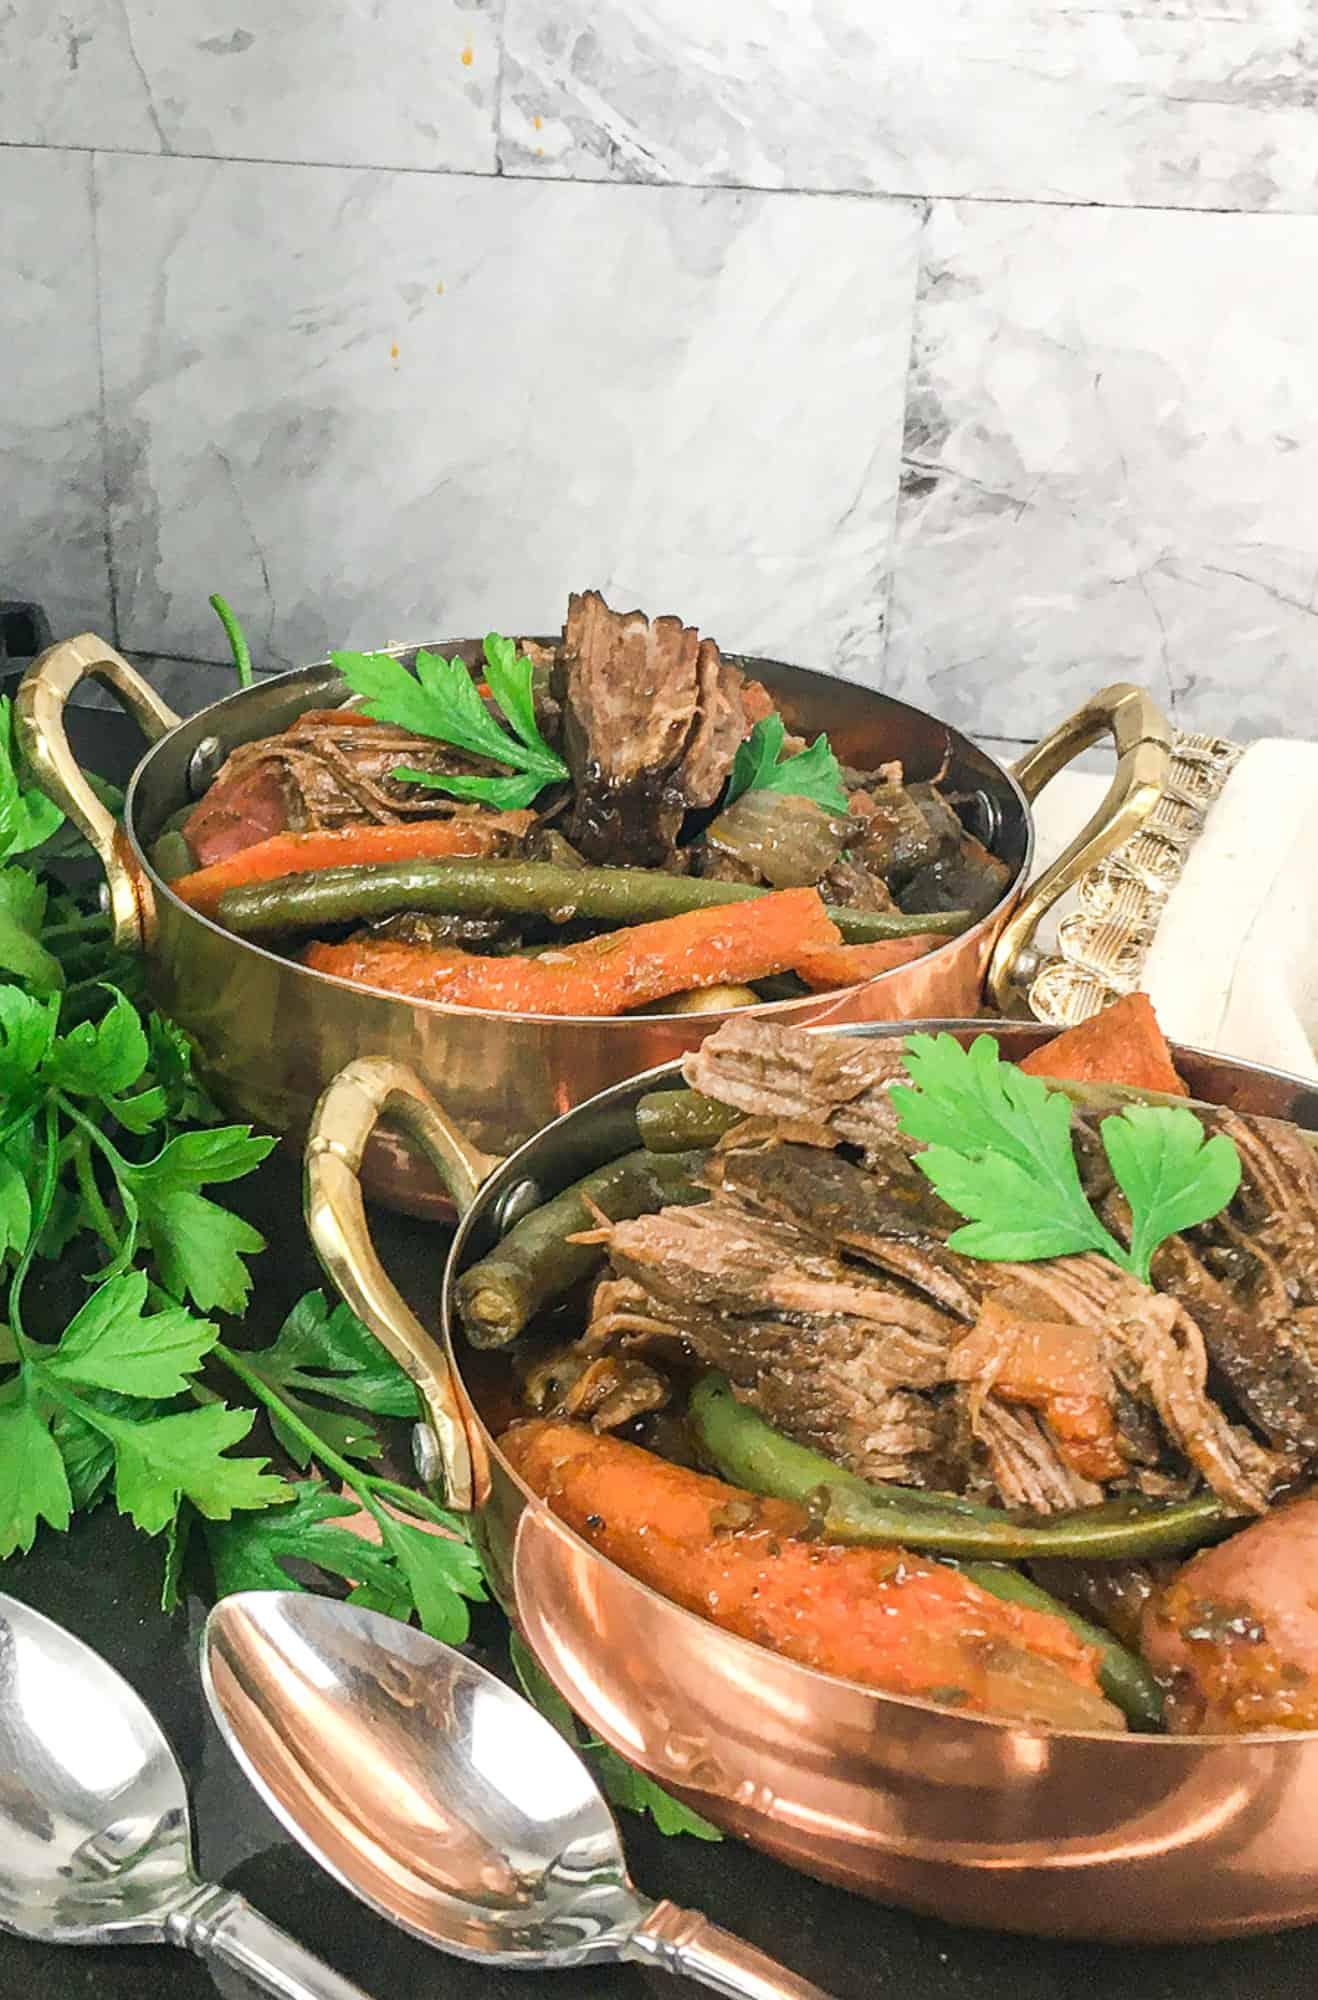 ninja foodi pot roast in bowls